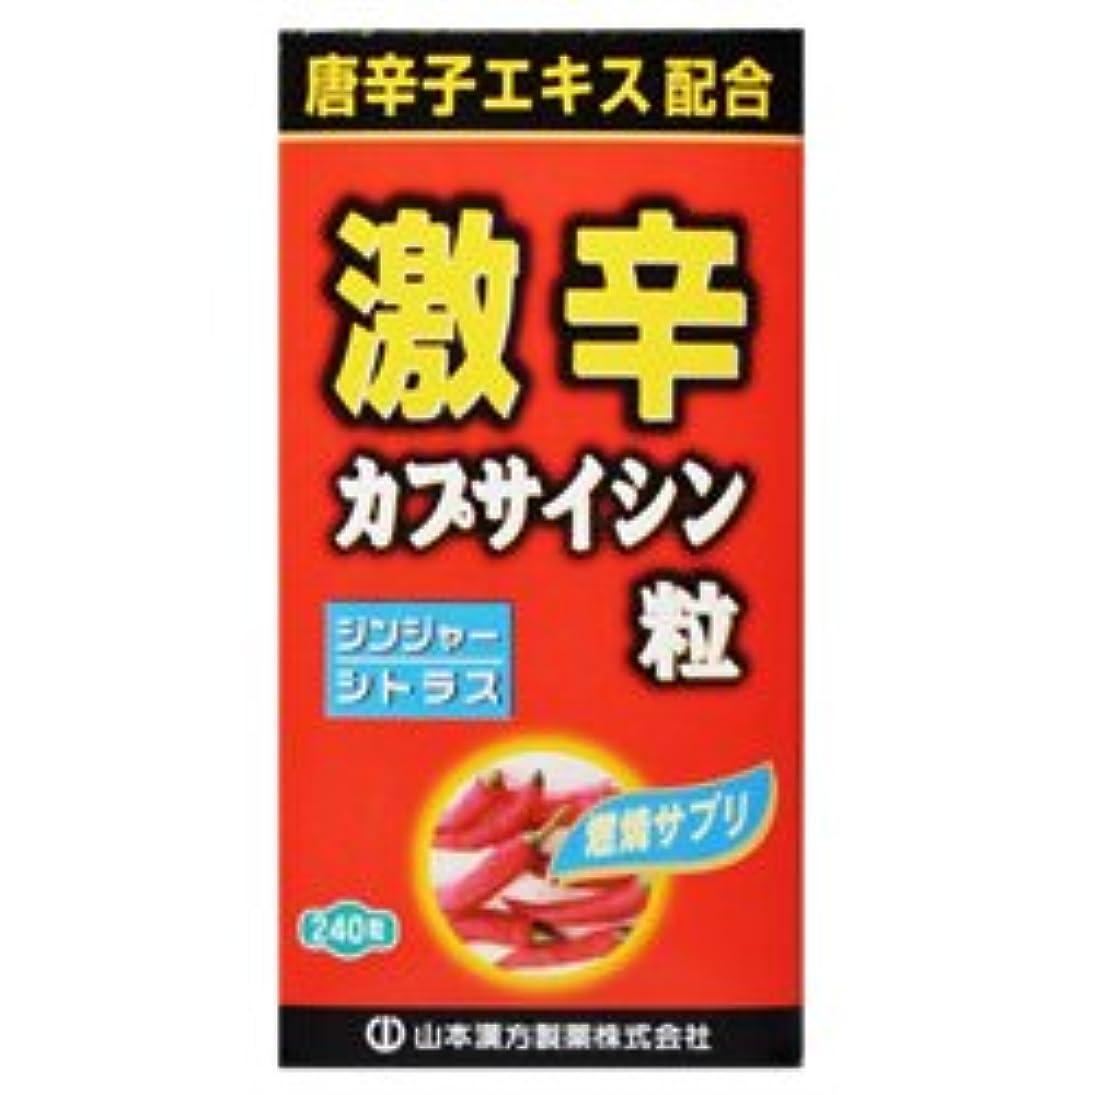 柔和イサカキャンドル【山本漢方製薬】激辛 カプサイシン粒 240粒 ×5個セット